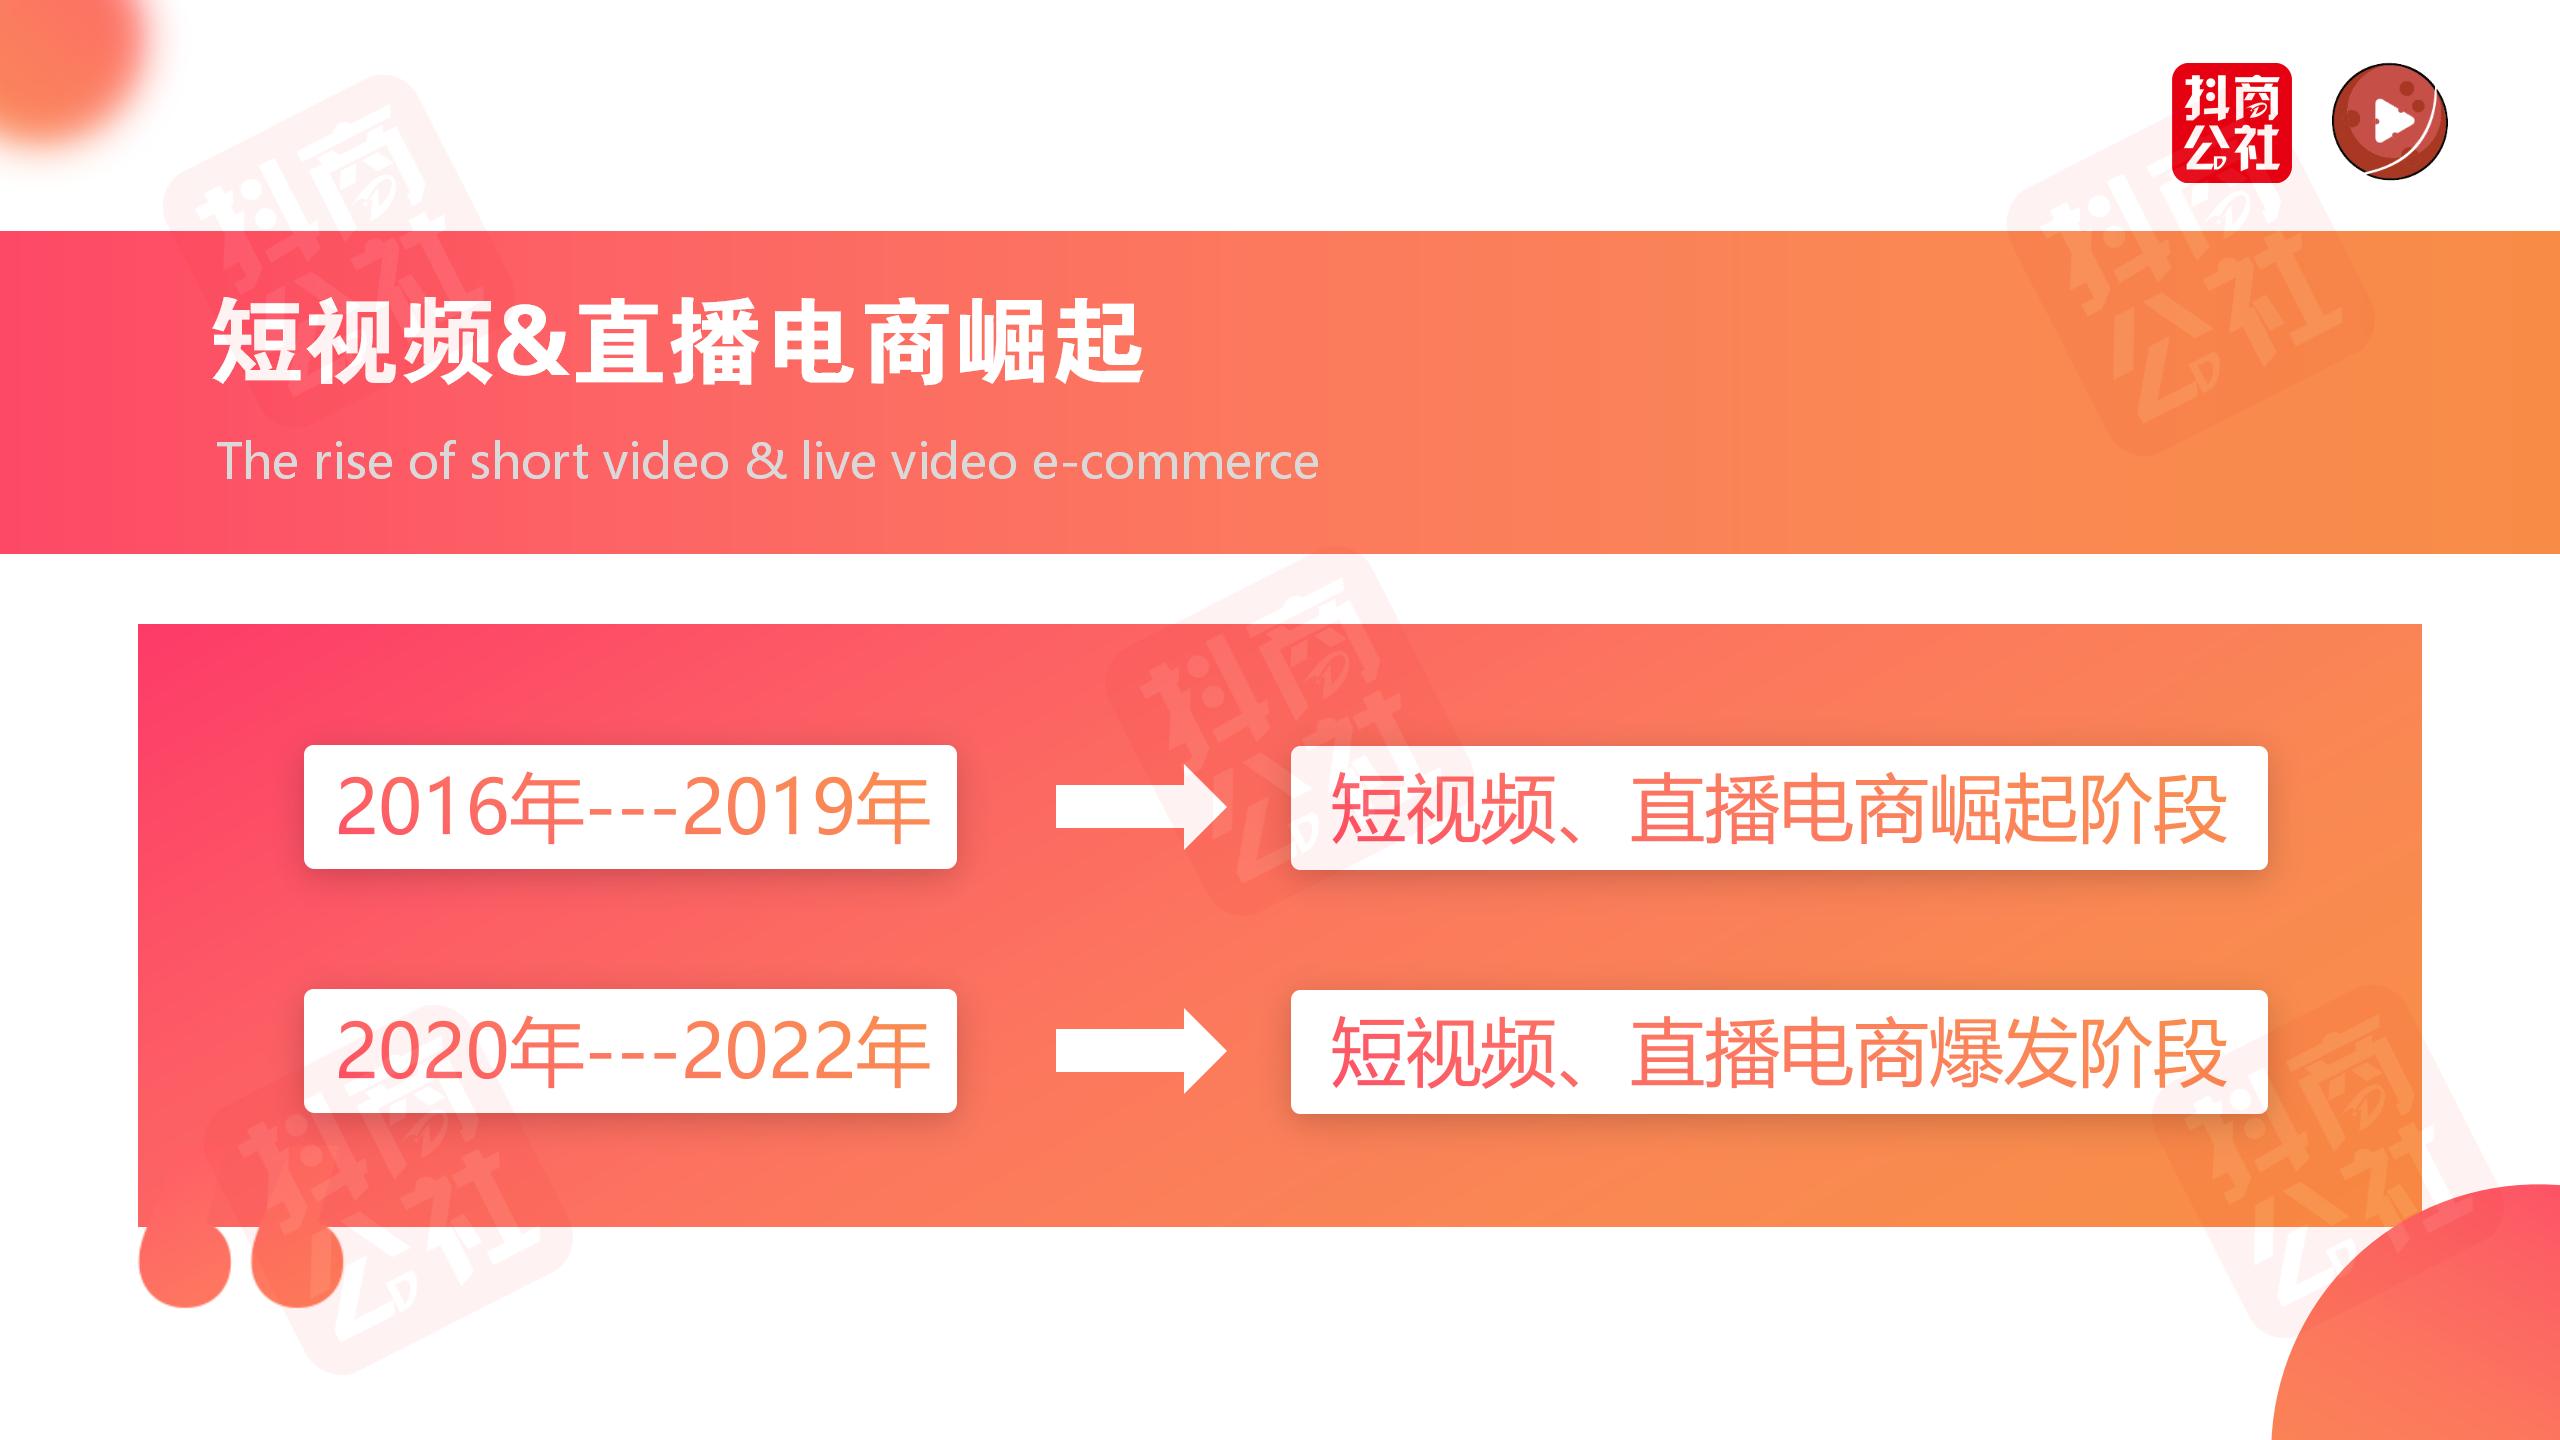 分享下如何创作优质的短视频脚本